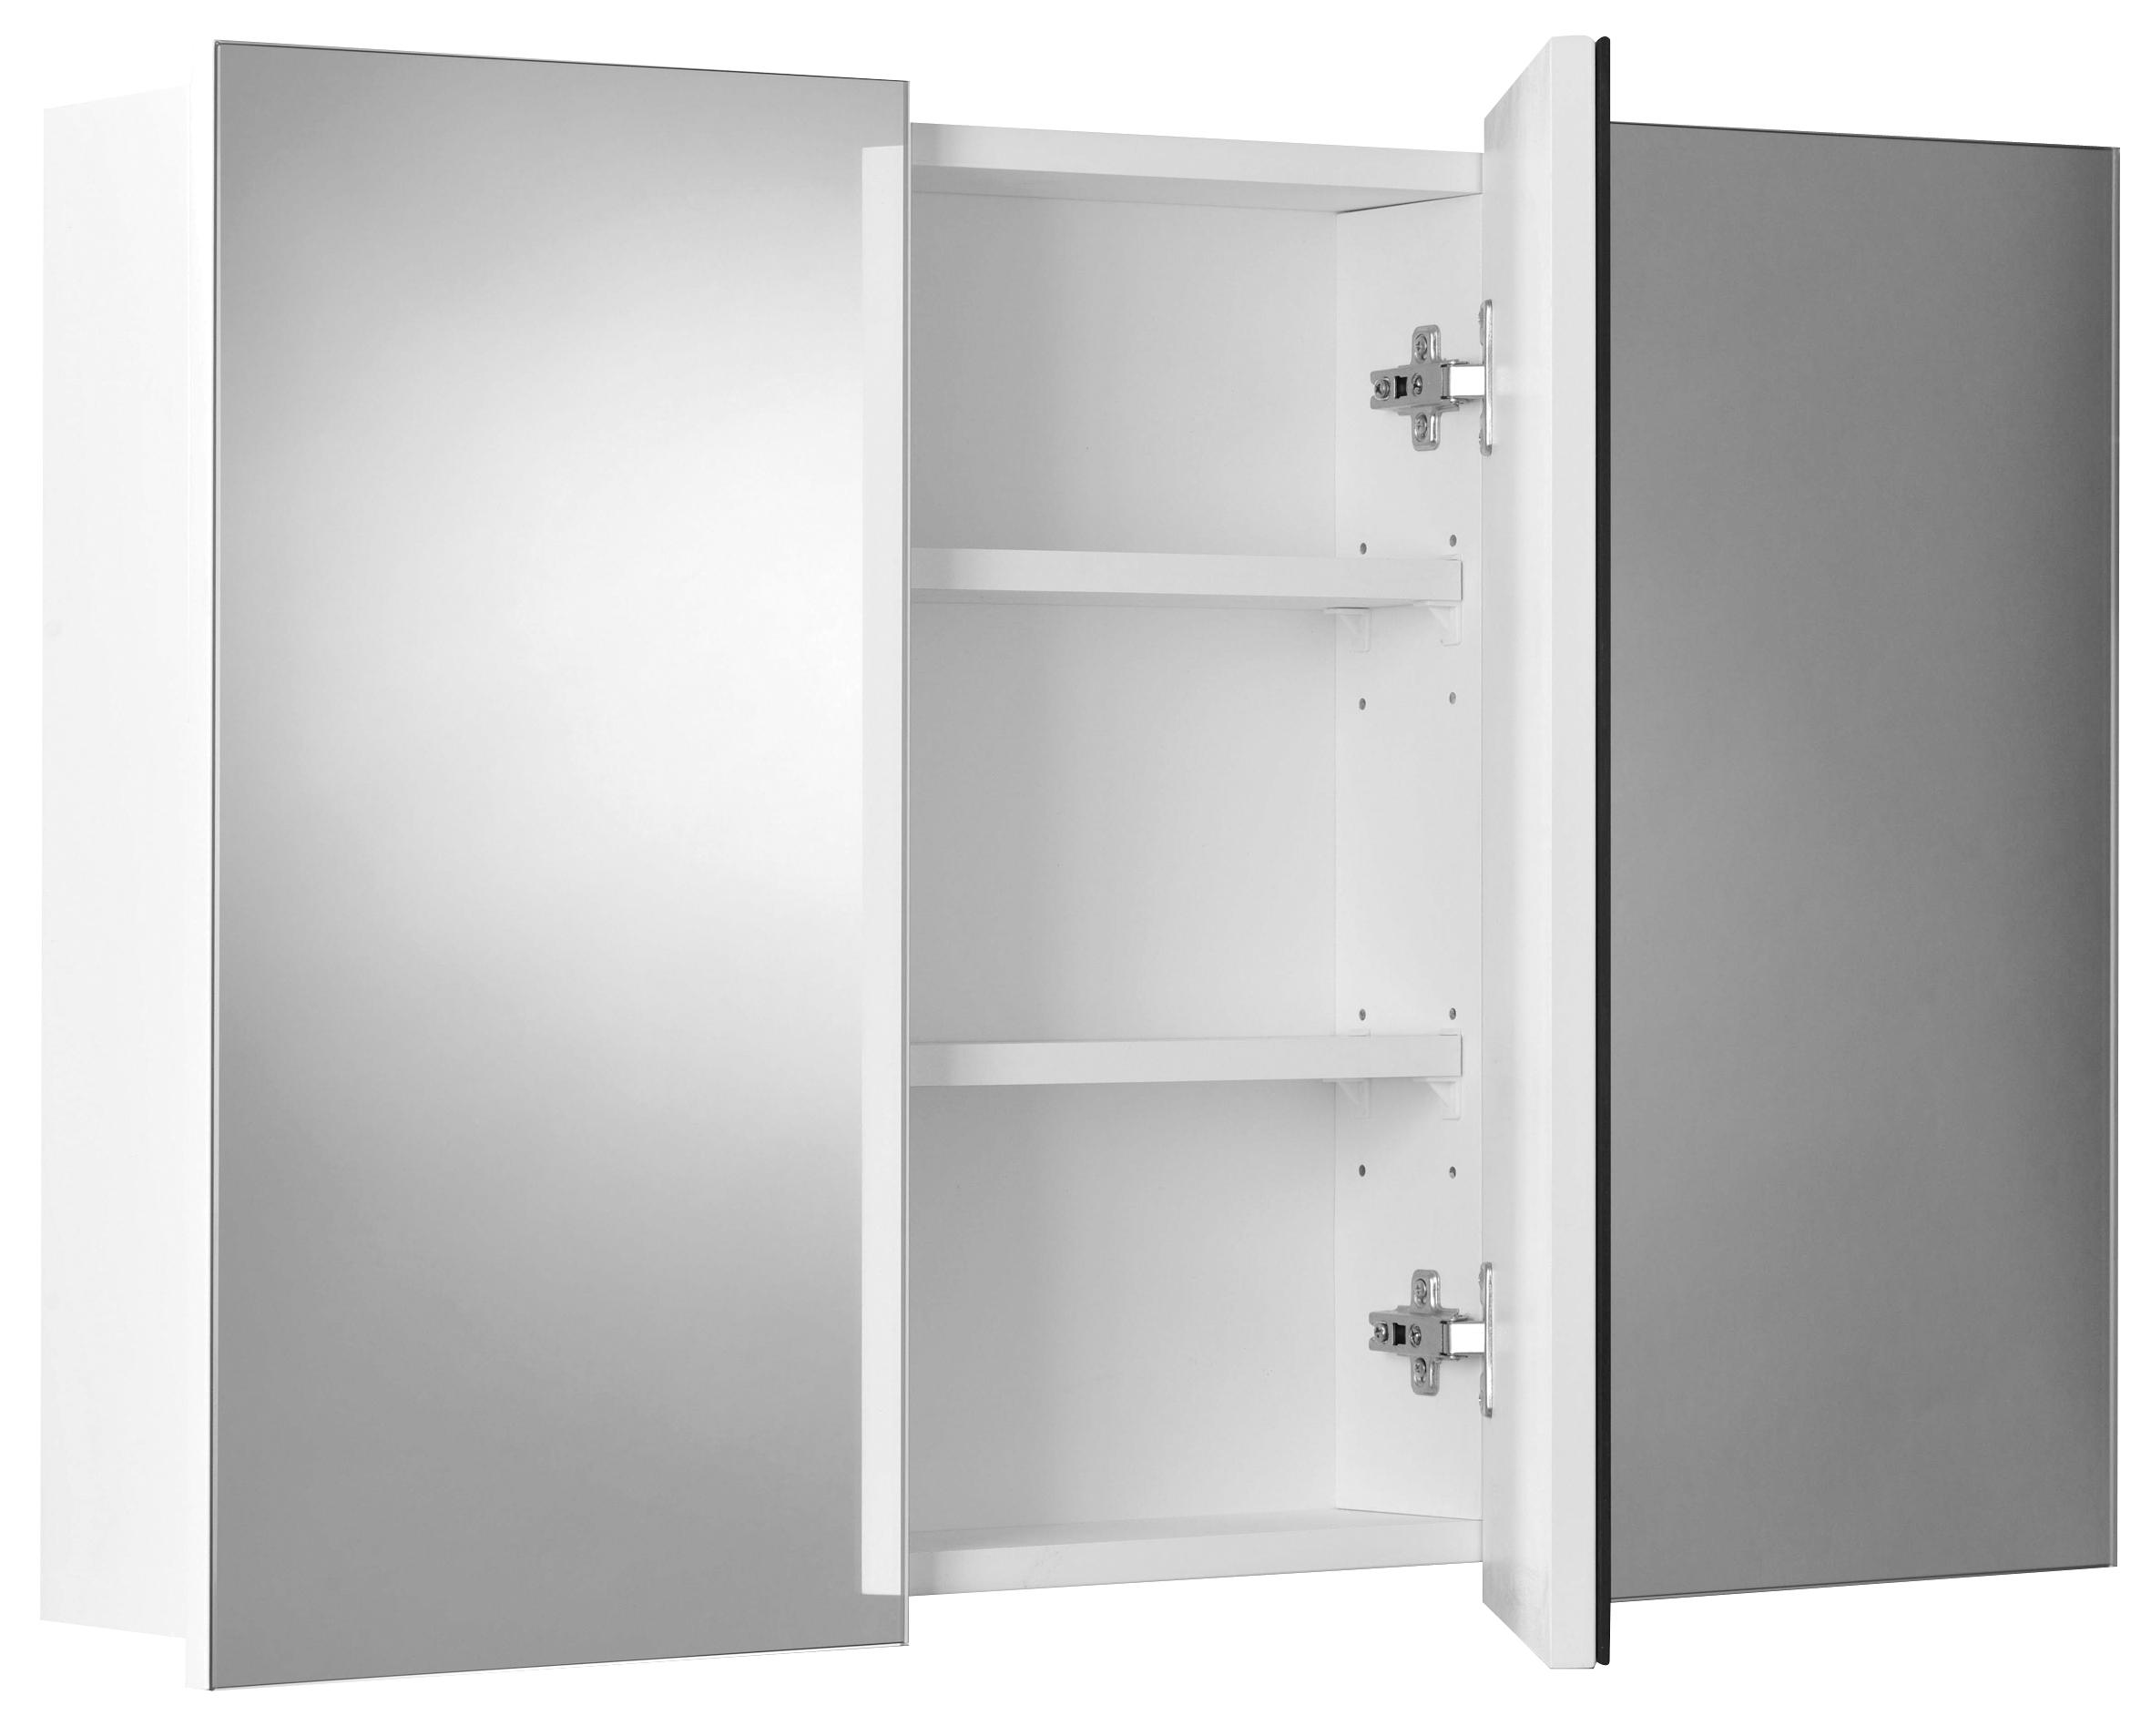 Bathroom Cabinet Mirror Door